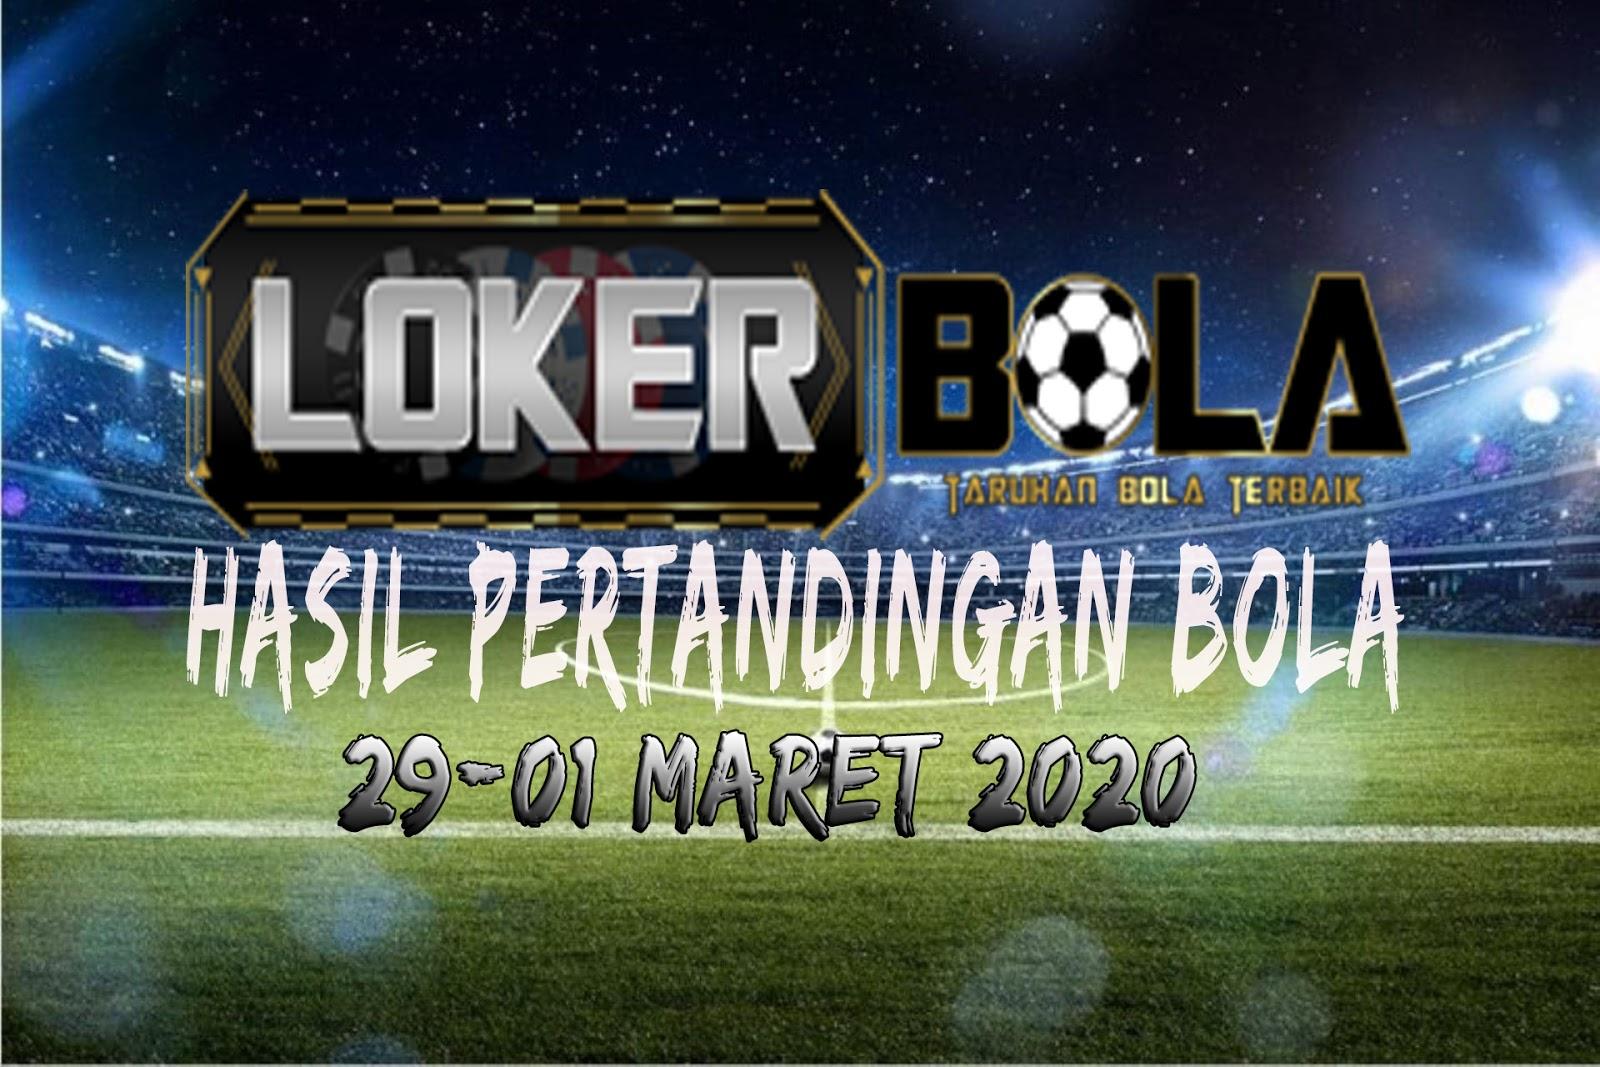 HASIL PERTANDINGAN BOLA 29-01 MARET 2020